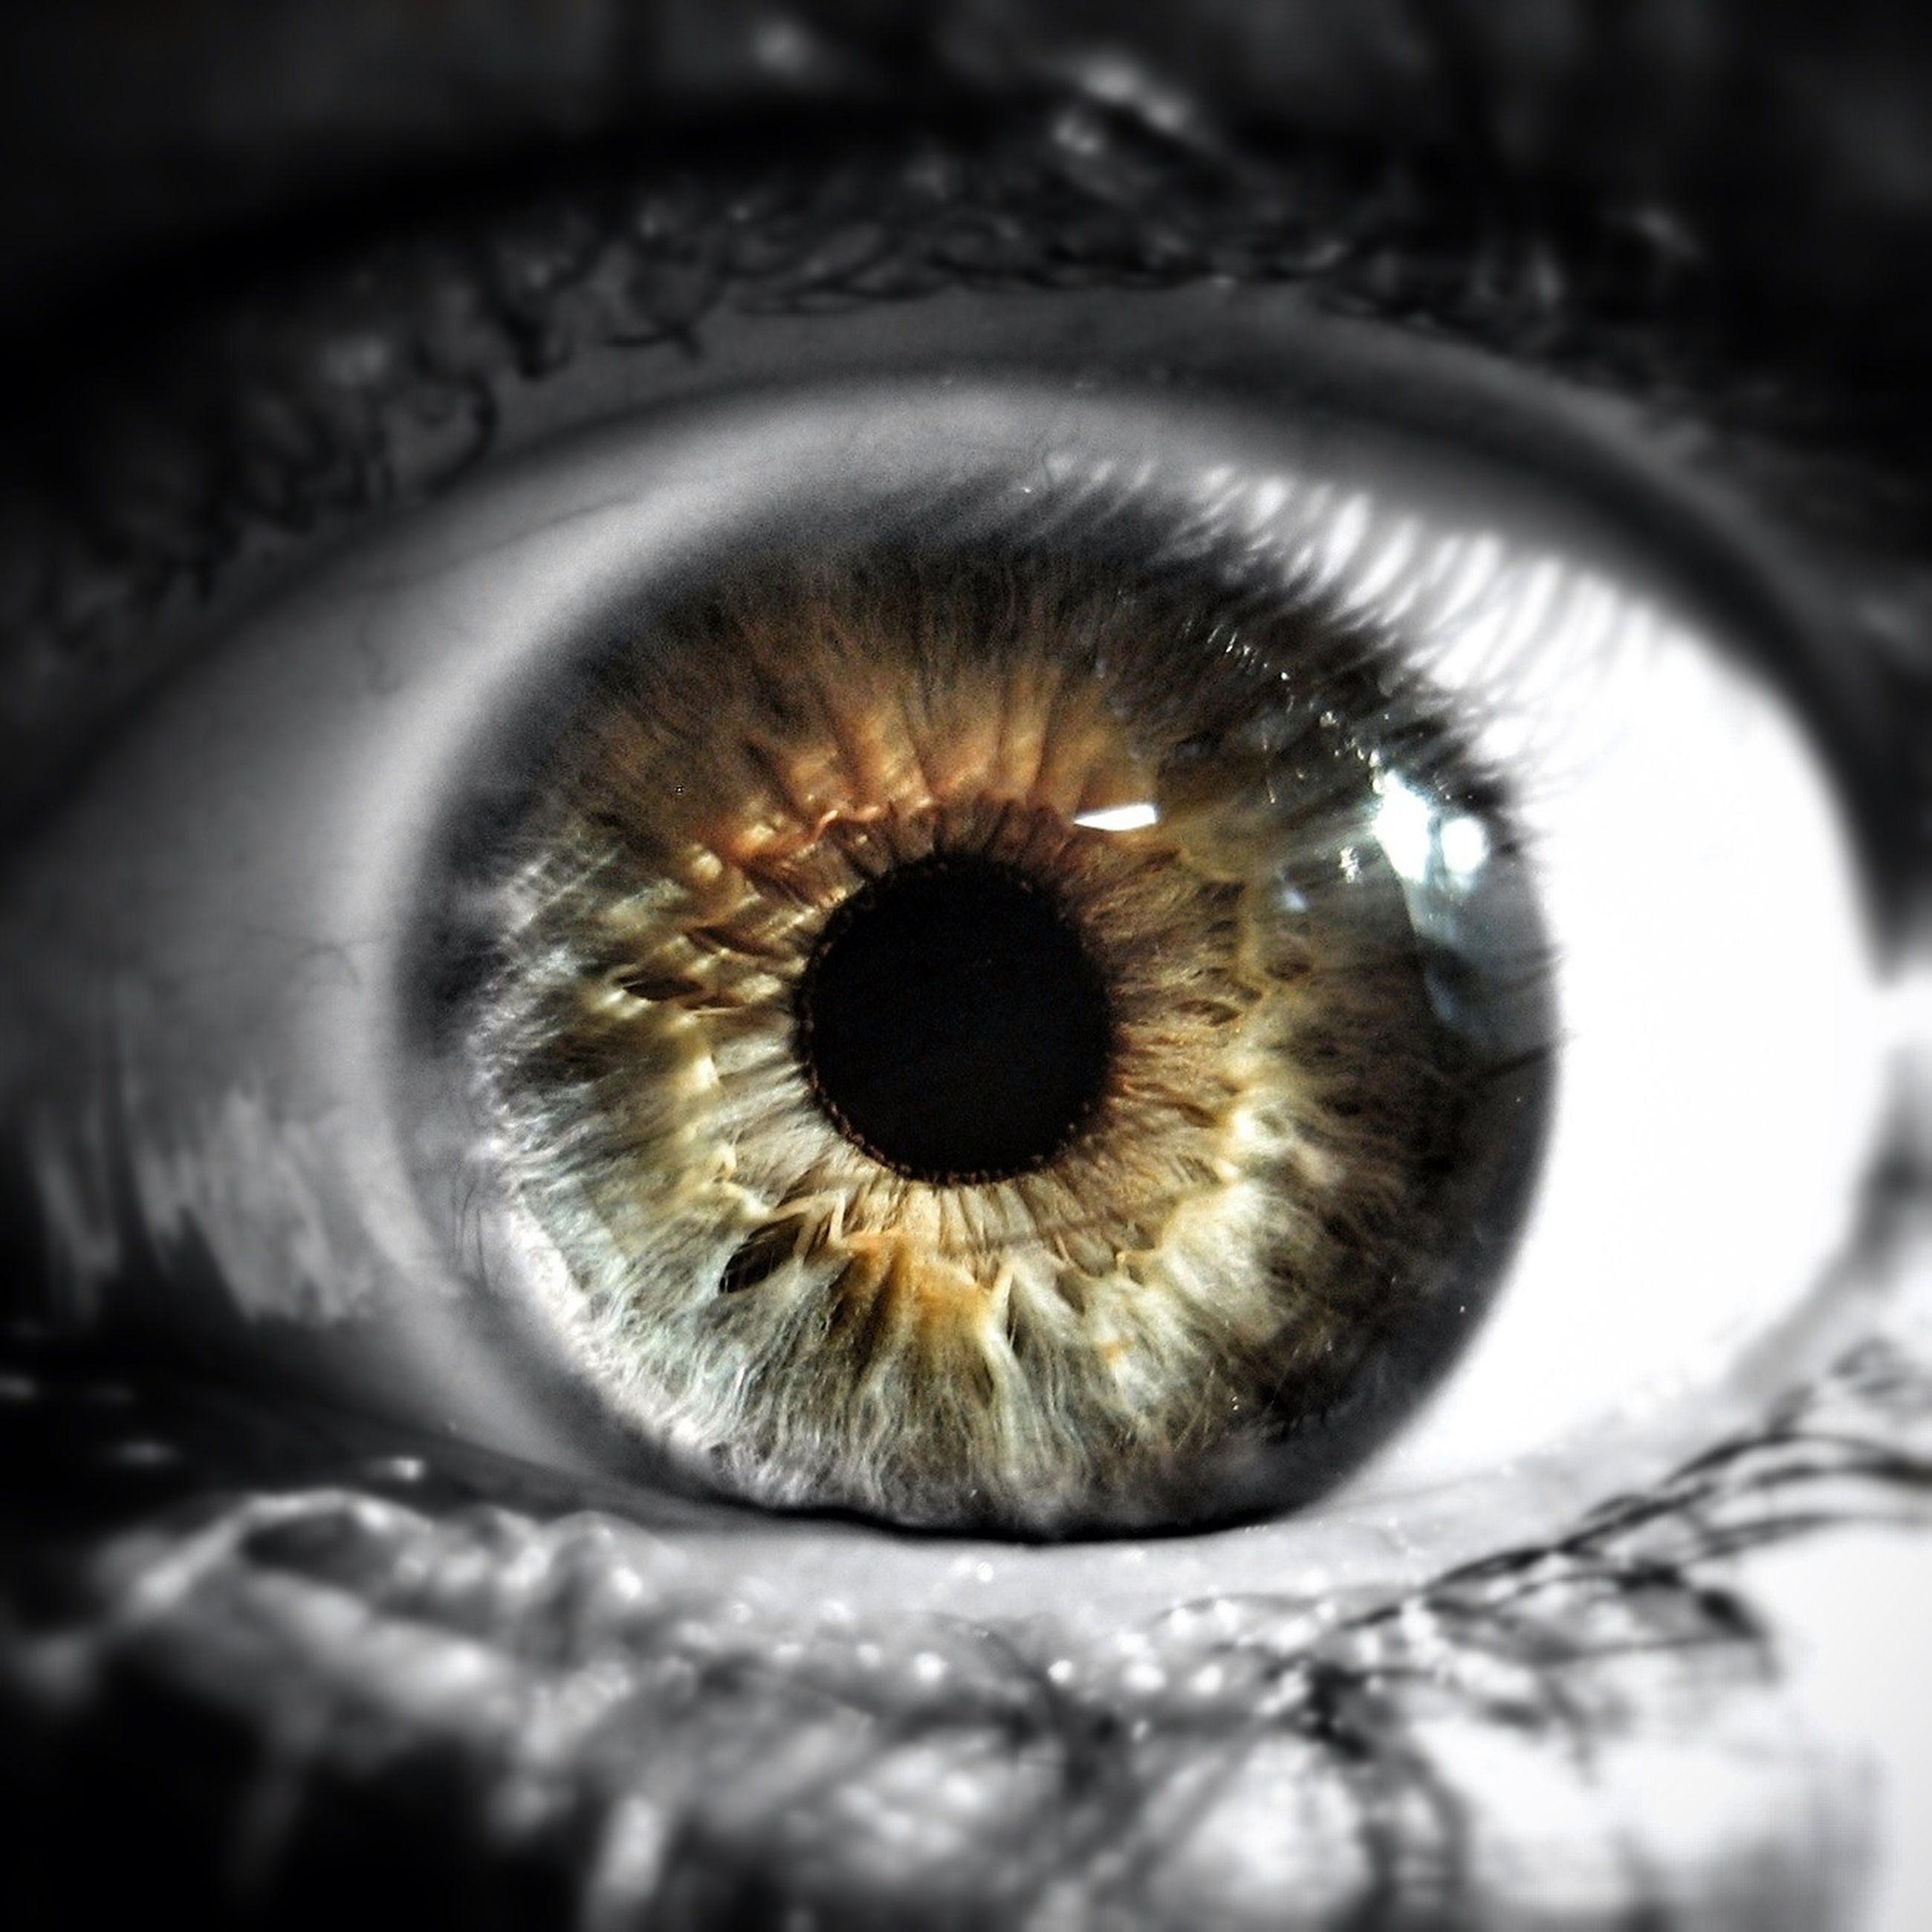 close-up, human eye, extreme close-up, selective focus, eyelash, sensory perception, eyesight, extreme close up, part of, macro, eyeball, indoors, detail, one animal, full frame, iris - eye, unrecognizable person